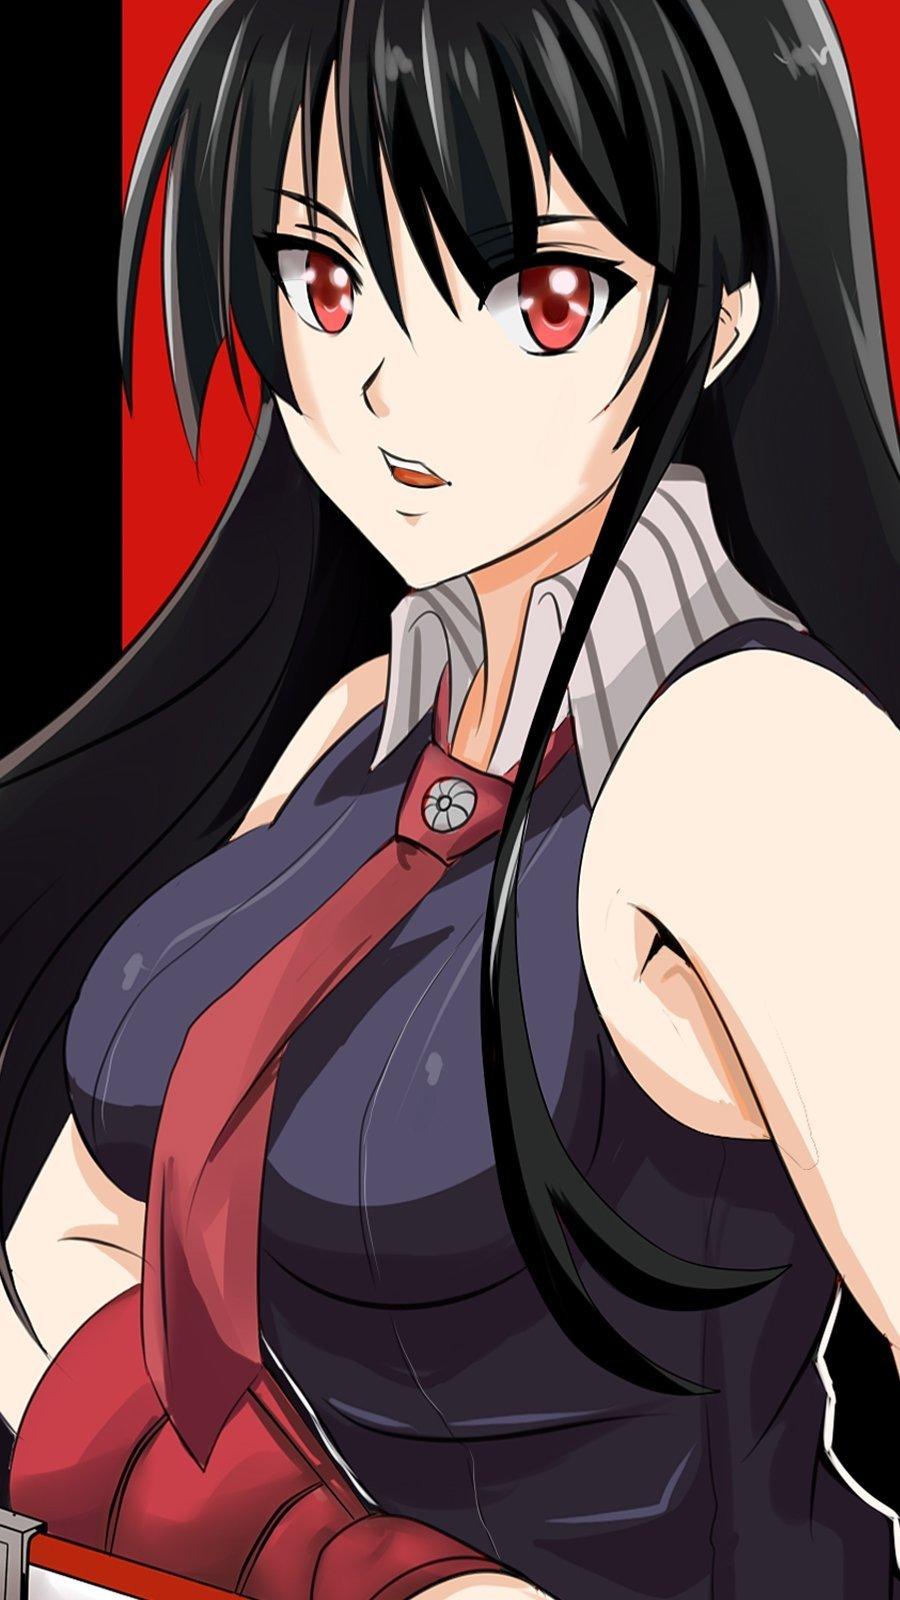 Fondos de pantalla Anime Akame de Akame ga Kill! Vertical